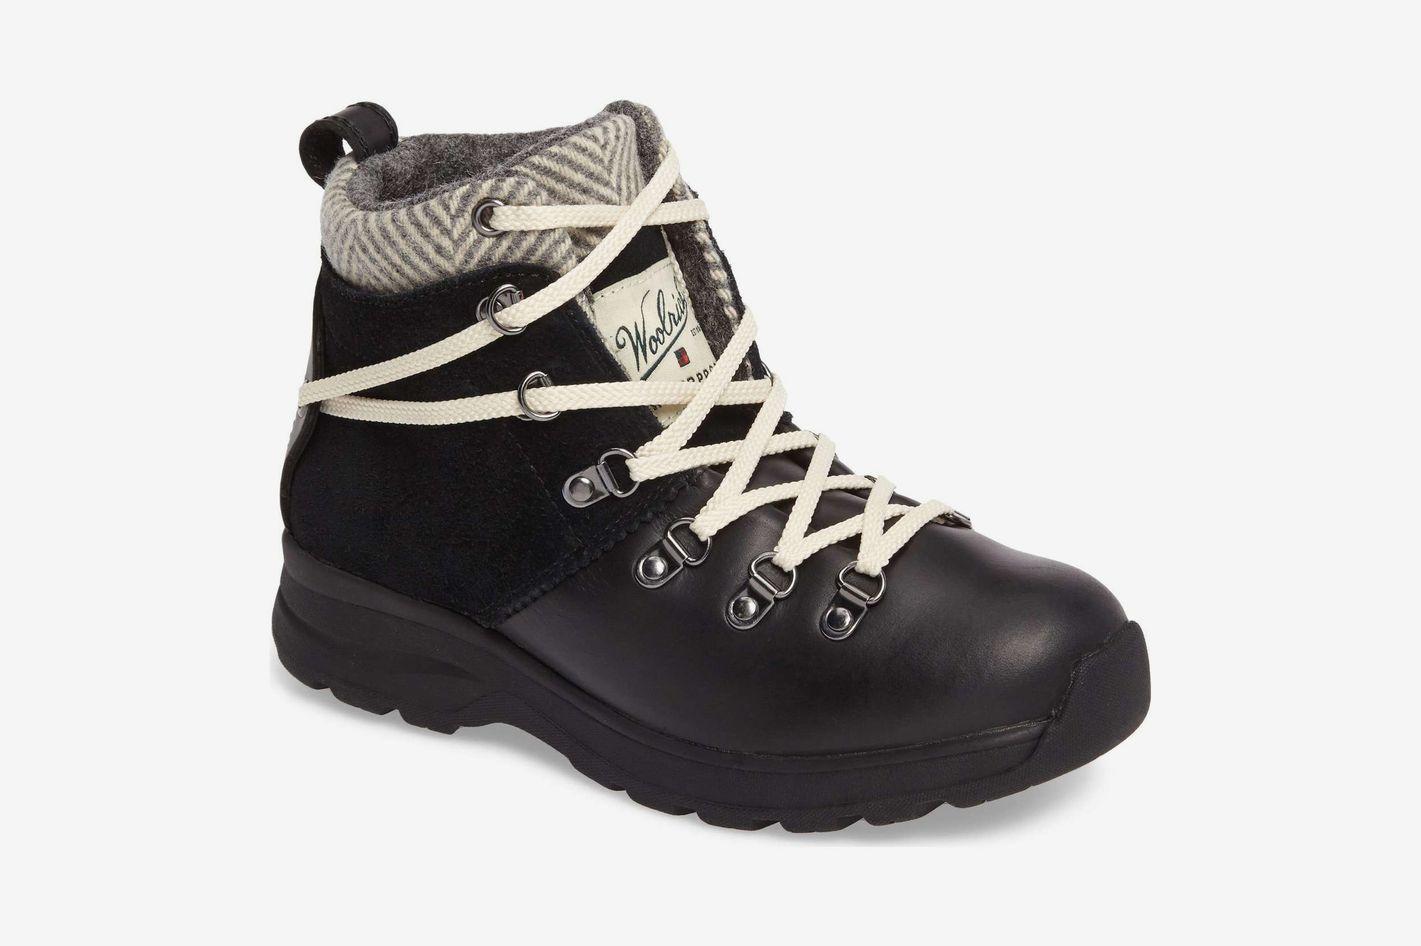 Rockies II Waterproof Hiking Boot